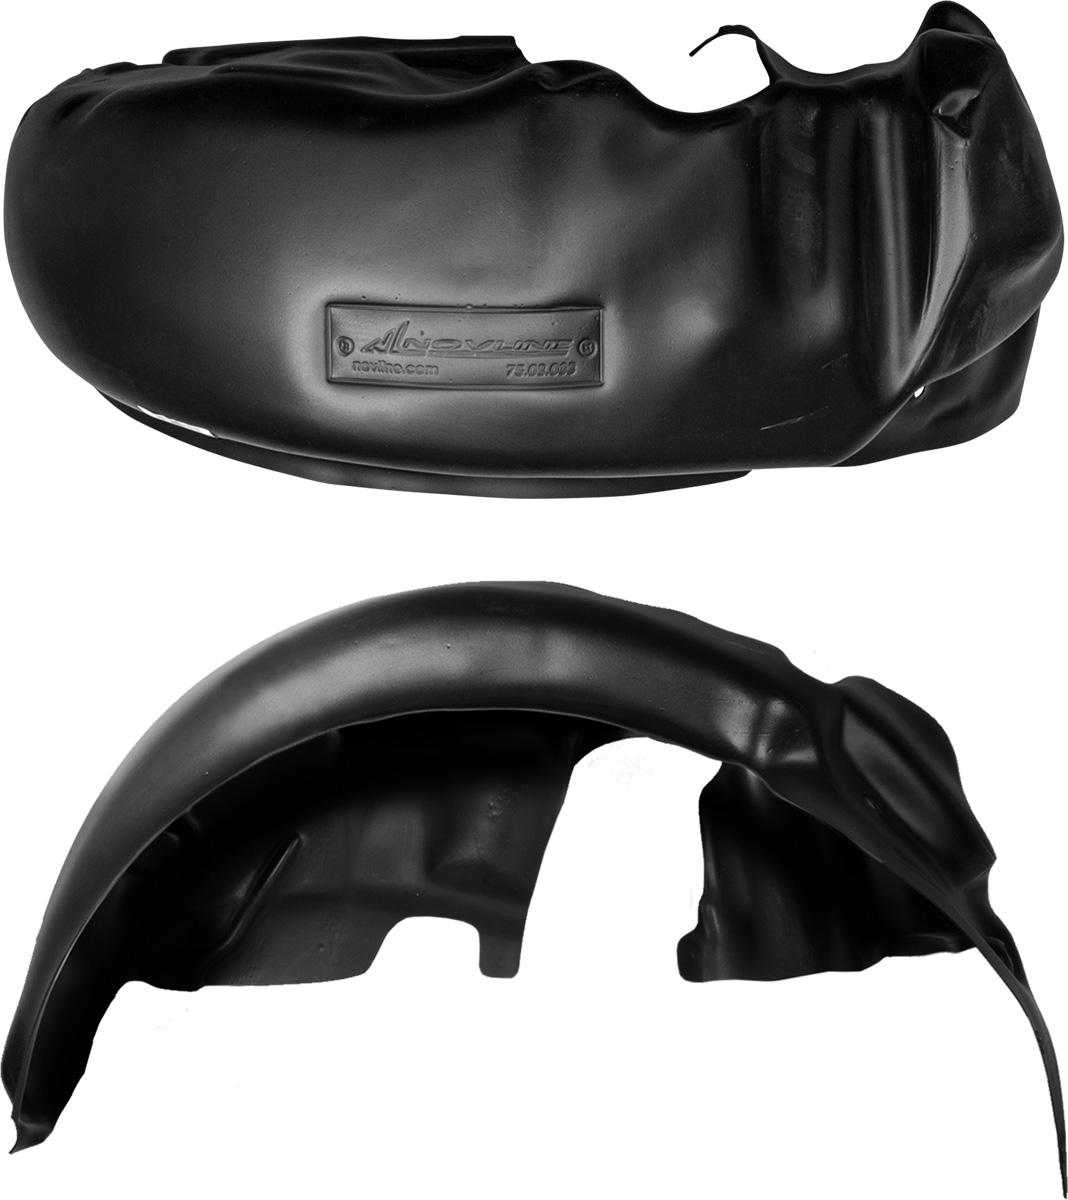 Подкрылок NISSAN Tiida, 2010-2015, задний левыйCA-3505Колесные ниши – одни из самых уязвимых зон днища вашего автомобиля. Они постоянно подвергаются воздействию со стороны дороги. Лучшая, почти абсолютная защита для них - специально отформованные пластиковые кожухи, которые называются подкрылками, или локерами. Производятся они как для отечественных моделей автомобилей, так и для иномарок. Подкрылки выполнены из высококачественного, экологически чистого пластика. Обеспечивают надежную защиту кузова автомобиля от пескоструйного эффекта и негативного влияния, агрессивных антигололедных реагентов. Пластик обладает более низкой теплопроводностью, чем металл, поэтому в зимний период эксплуатации использование пластиковых подкрылков позволяет лучше защитить колесные ниши от налипания снега и образования наледи. Оригинальность конструкции подчеркивает элегантность автомобиля, бережно защищает нанесенное на днище кузова антикоррозийное покрытие и позволяет осуществить крепление подкрылков внутри колесной арки практически без дополнительного крепежа и сверления, не нарушая при этом лакокрасочного покрытия, что предотвращает возникновение новых очагов коррозии. Технология крепления подкрылков на иномарки принципиально отличается от крепления на российские автомобили и разрабатывается индивидуально для каждой модели автомобиля. Подкрылки долговечны, обладают высокой прочностью и сохраняют заданную форму, а также все свои физико-механические характеристики в самых тяжелых климатических условиях ( от -50° С до + 50° С).